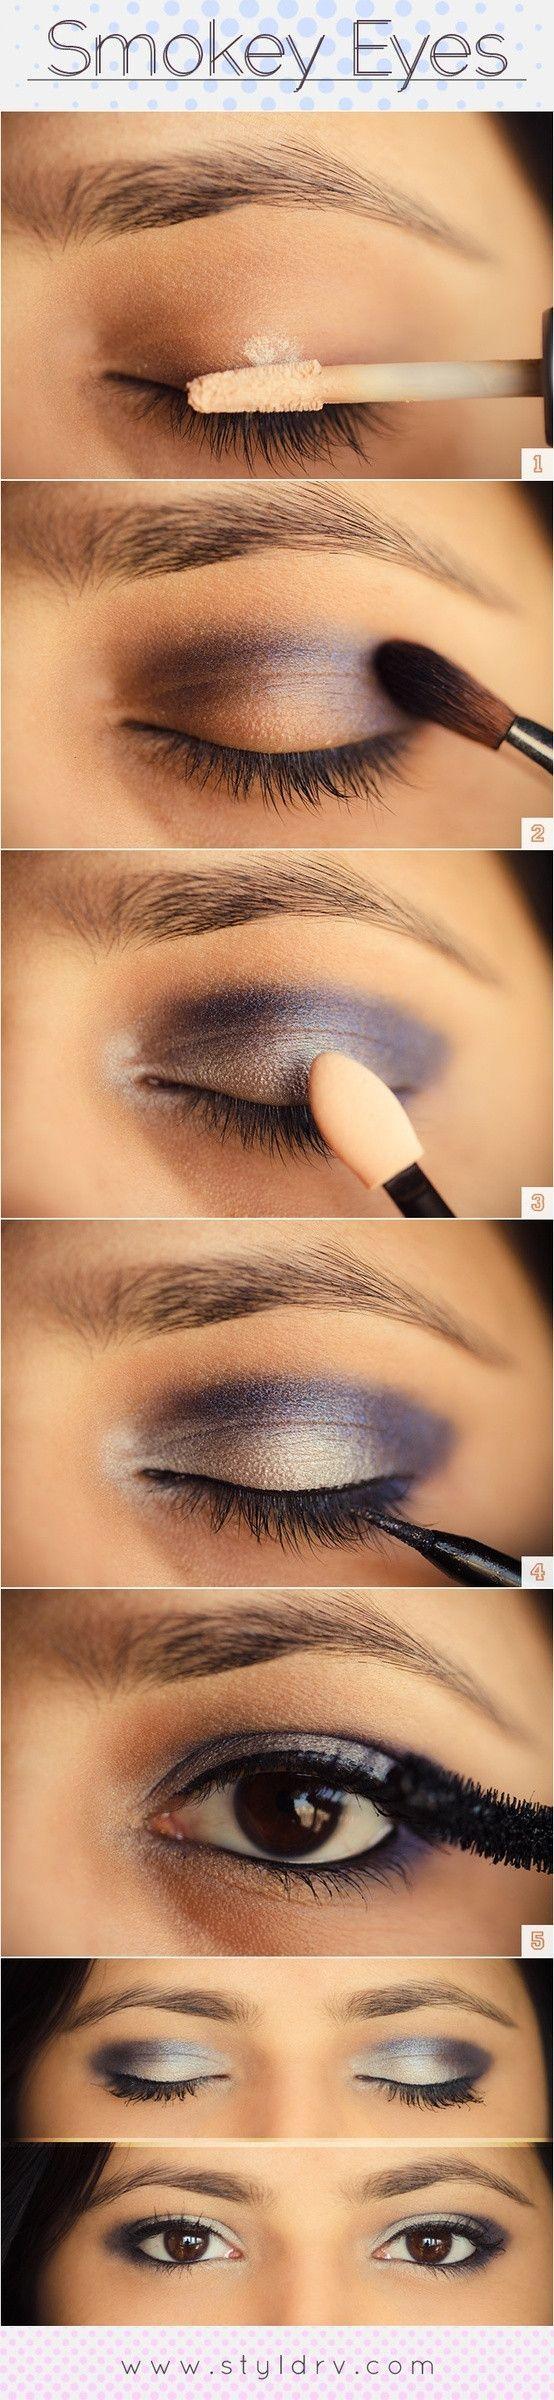 Metallic Smokey Eye Makeup Tutorial